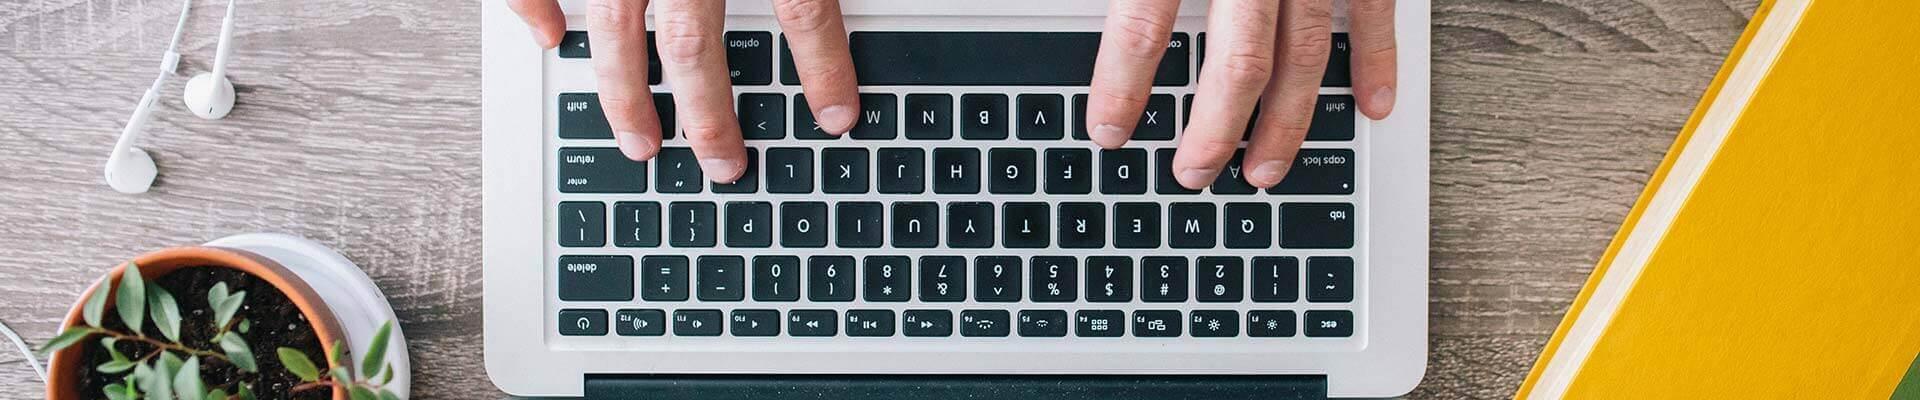 Ноутбук и копирайтер